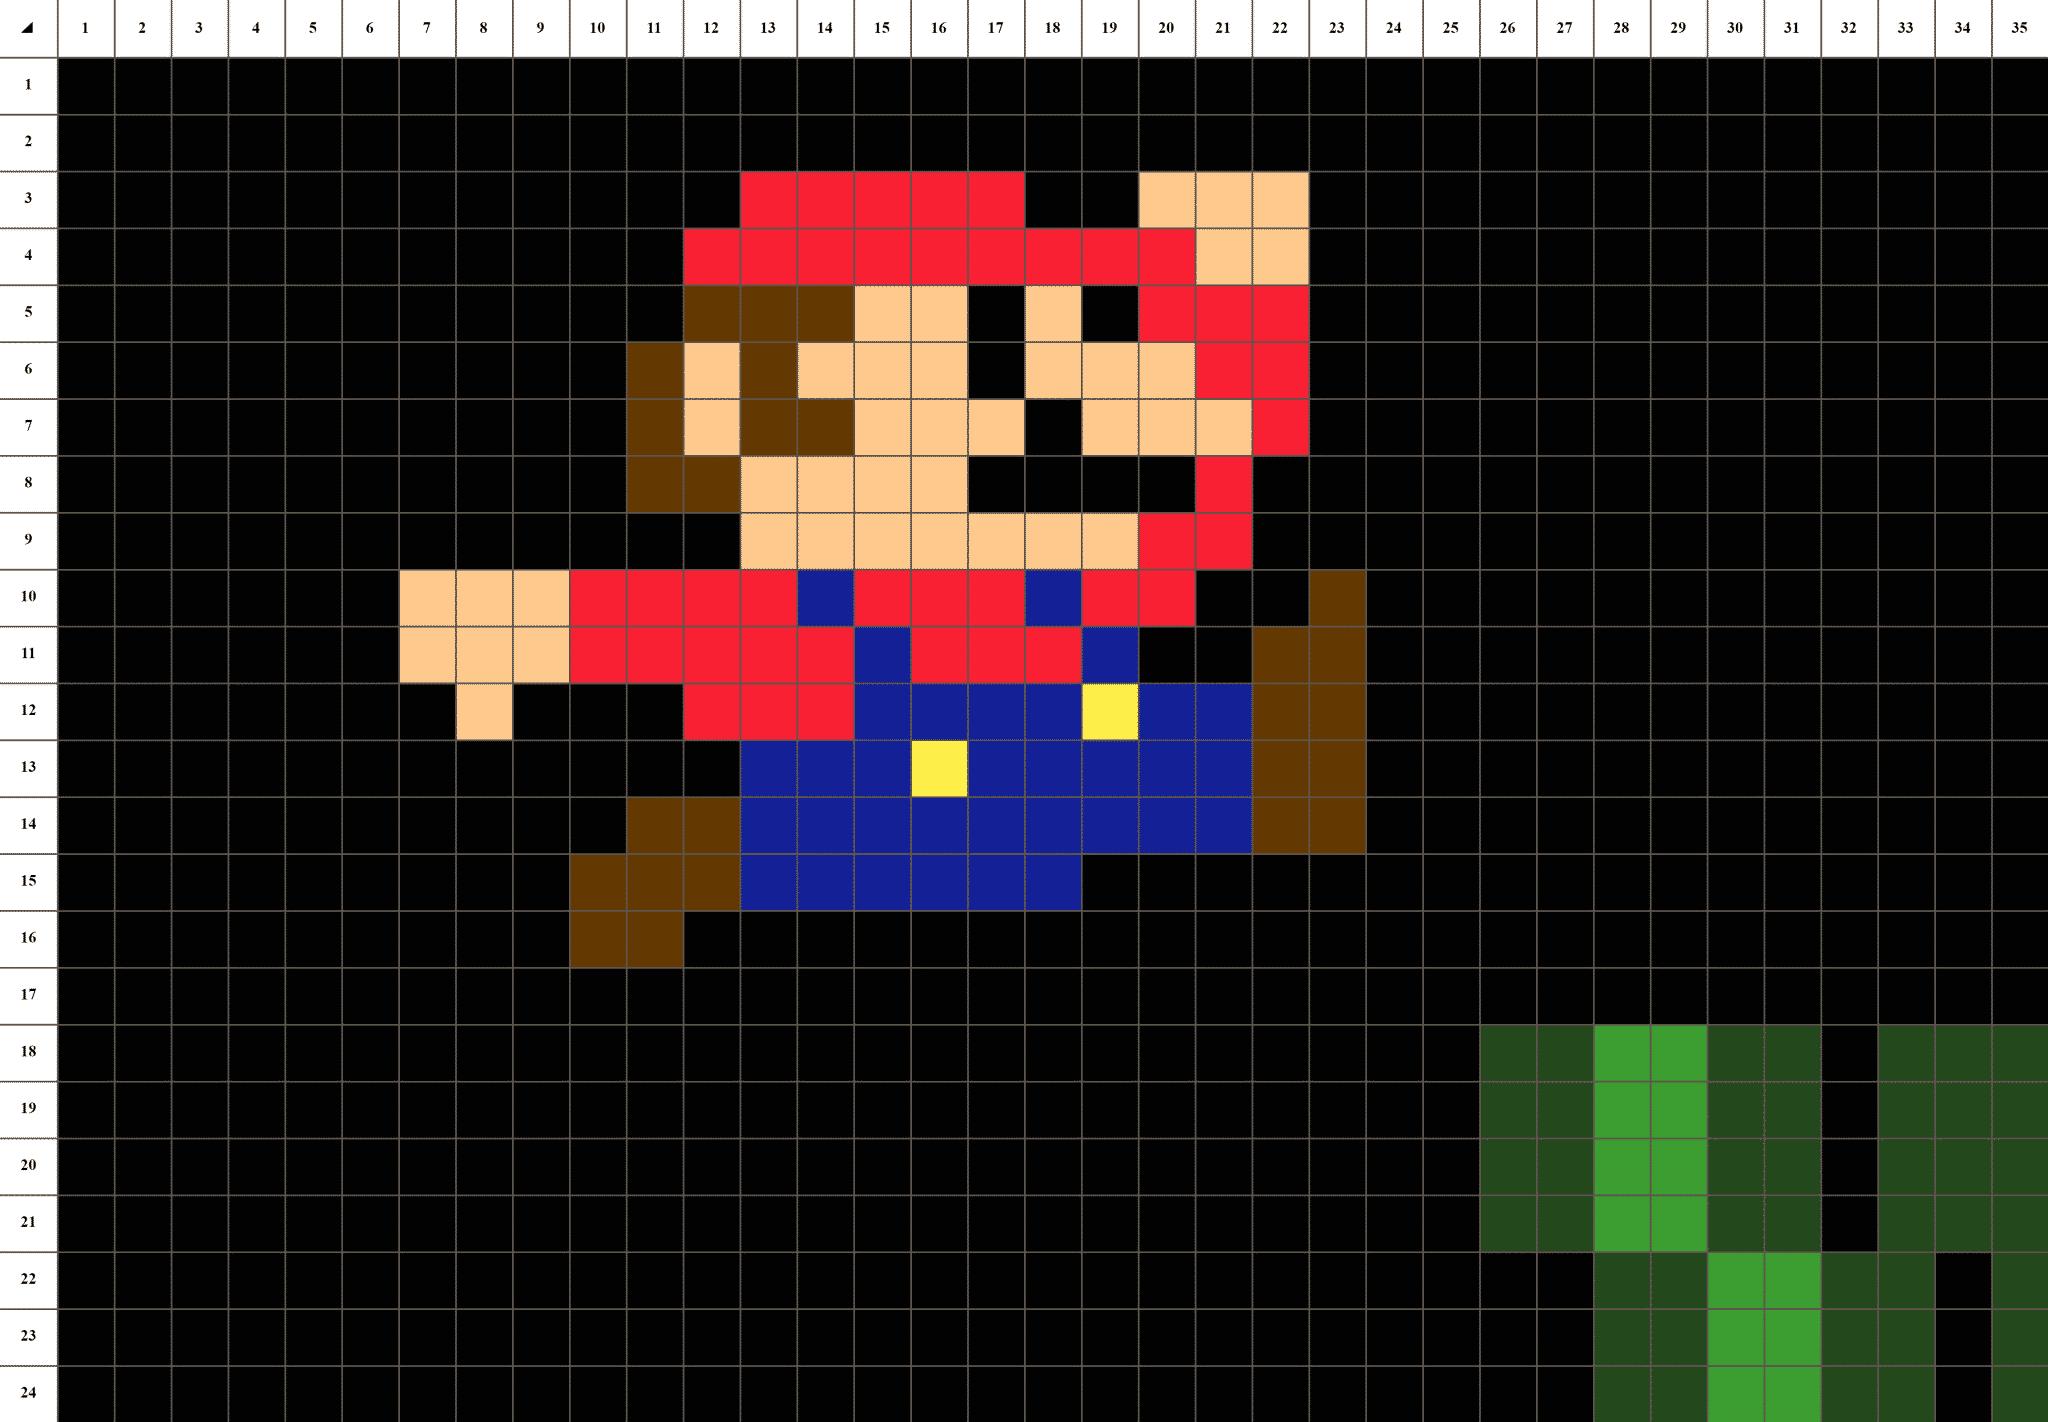 Mario nintendo pixel art mosaique grille fond noir